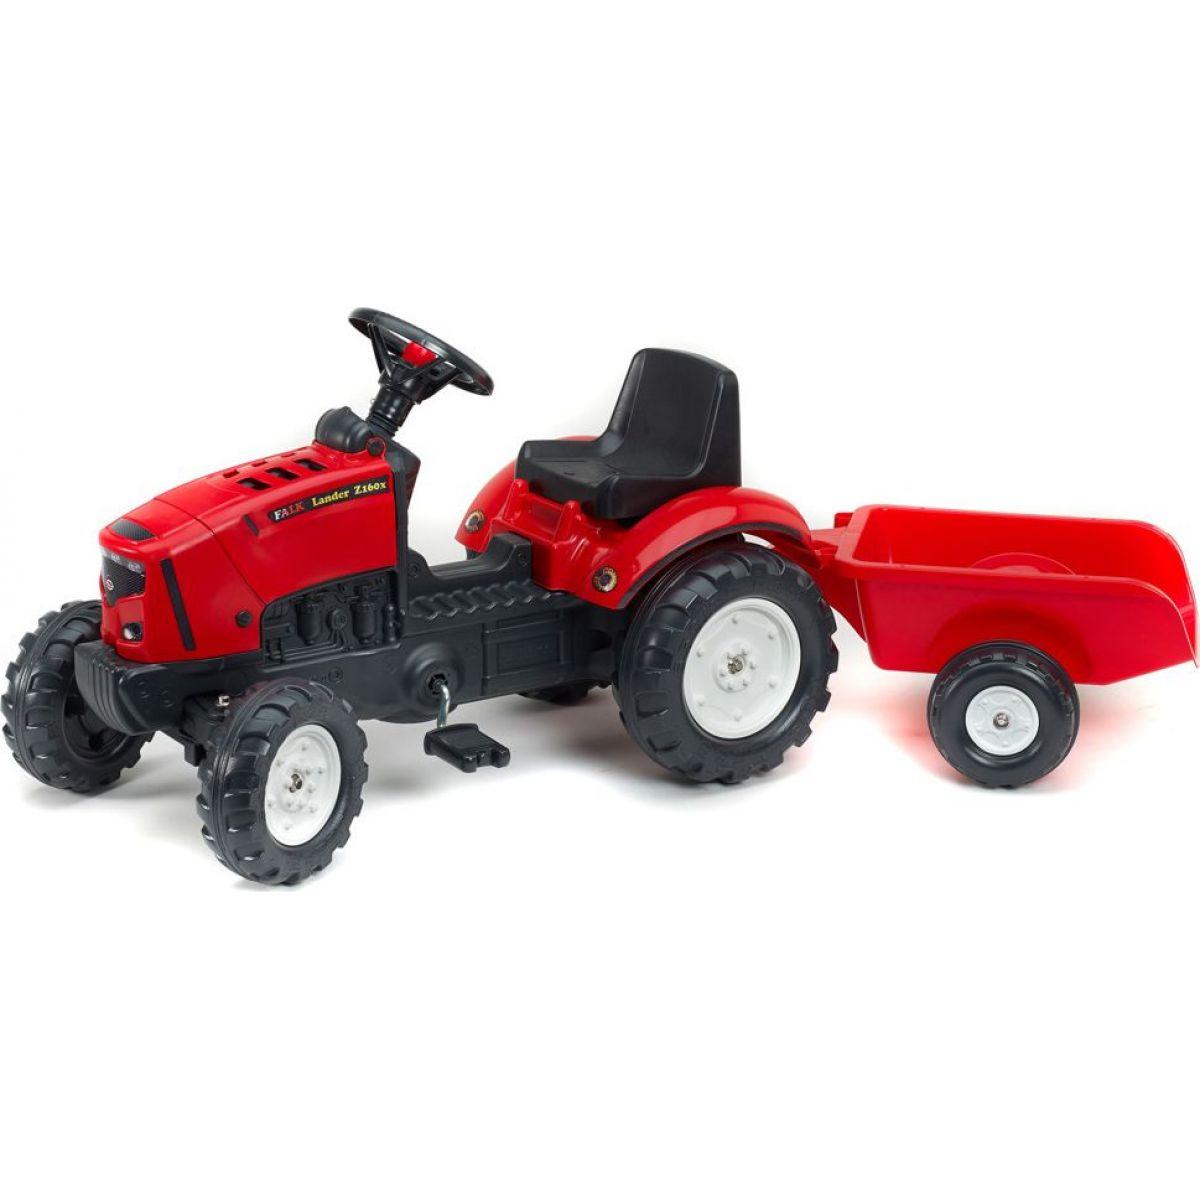 Falk Traktor Falk Lander Z160X s valníkem a otevírací kapotou